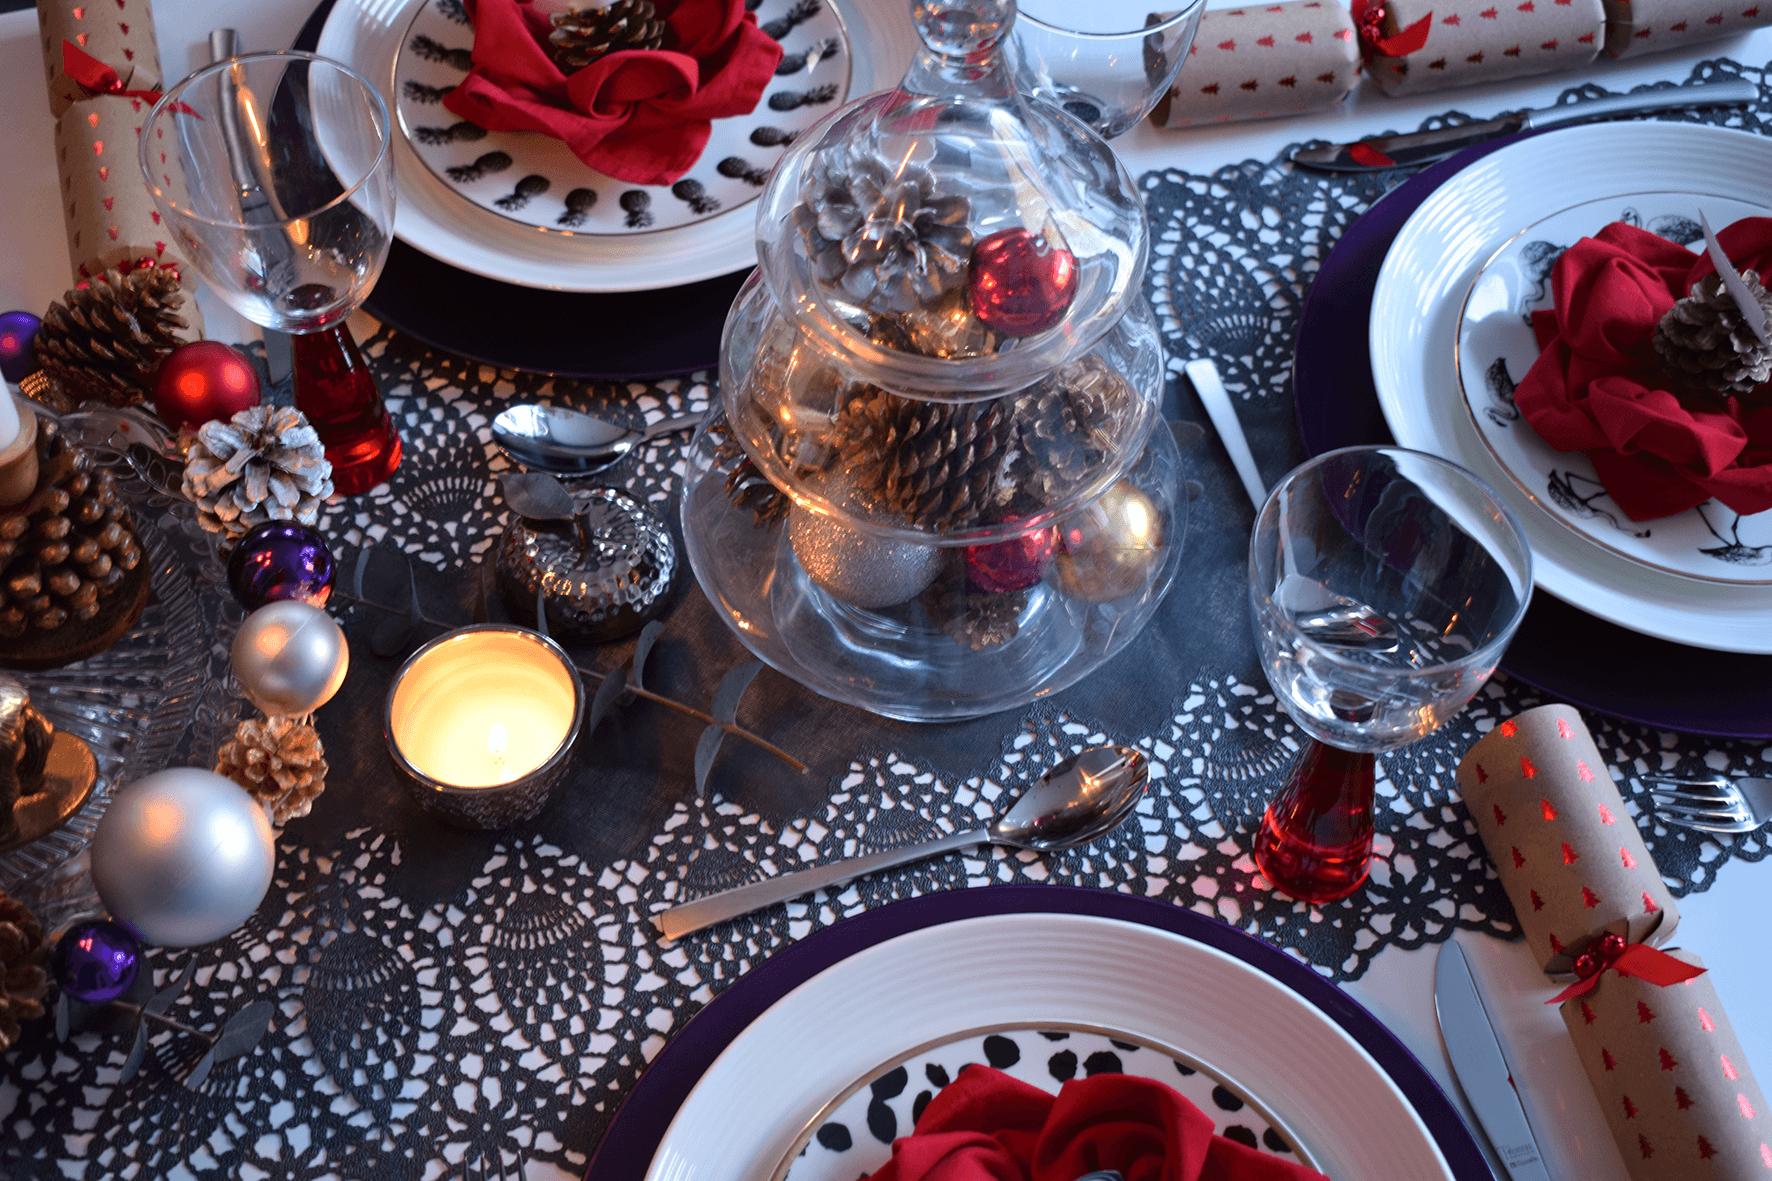 Glam Christmas Table Setting